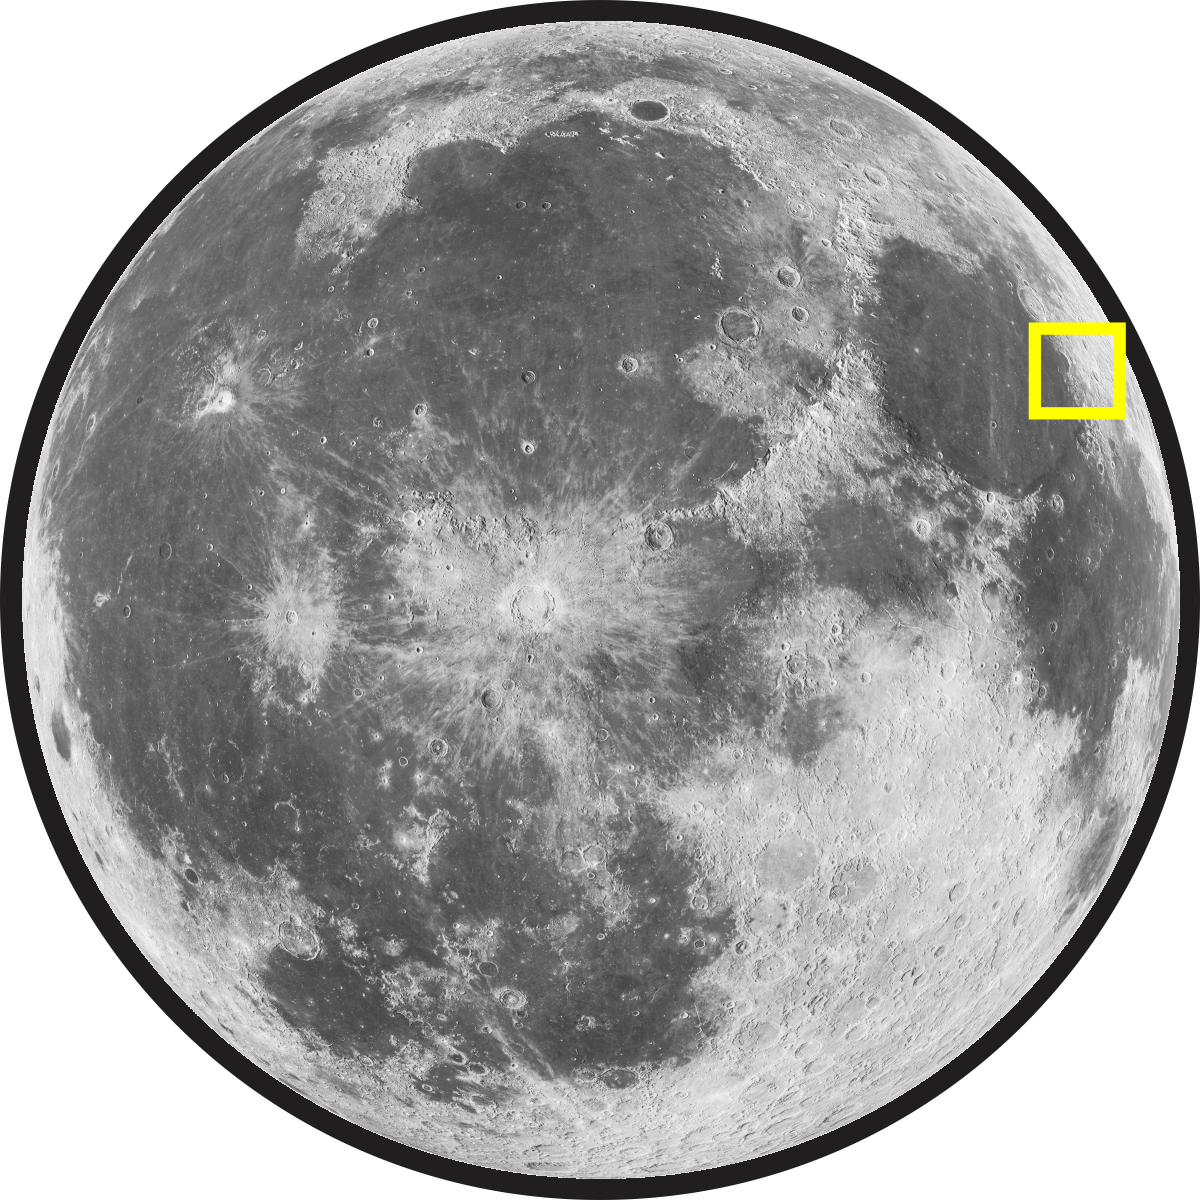 Montes Taurus (Taurus Mountains) on the Moon